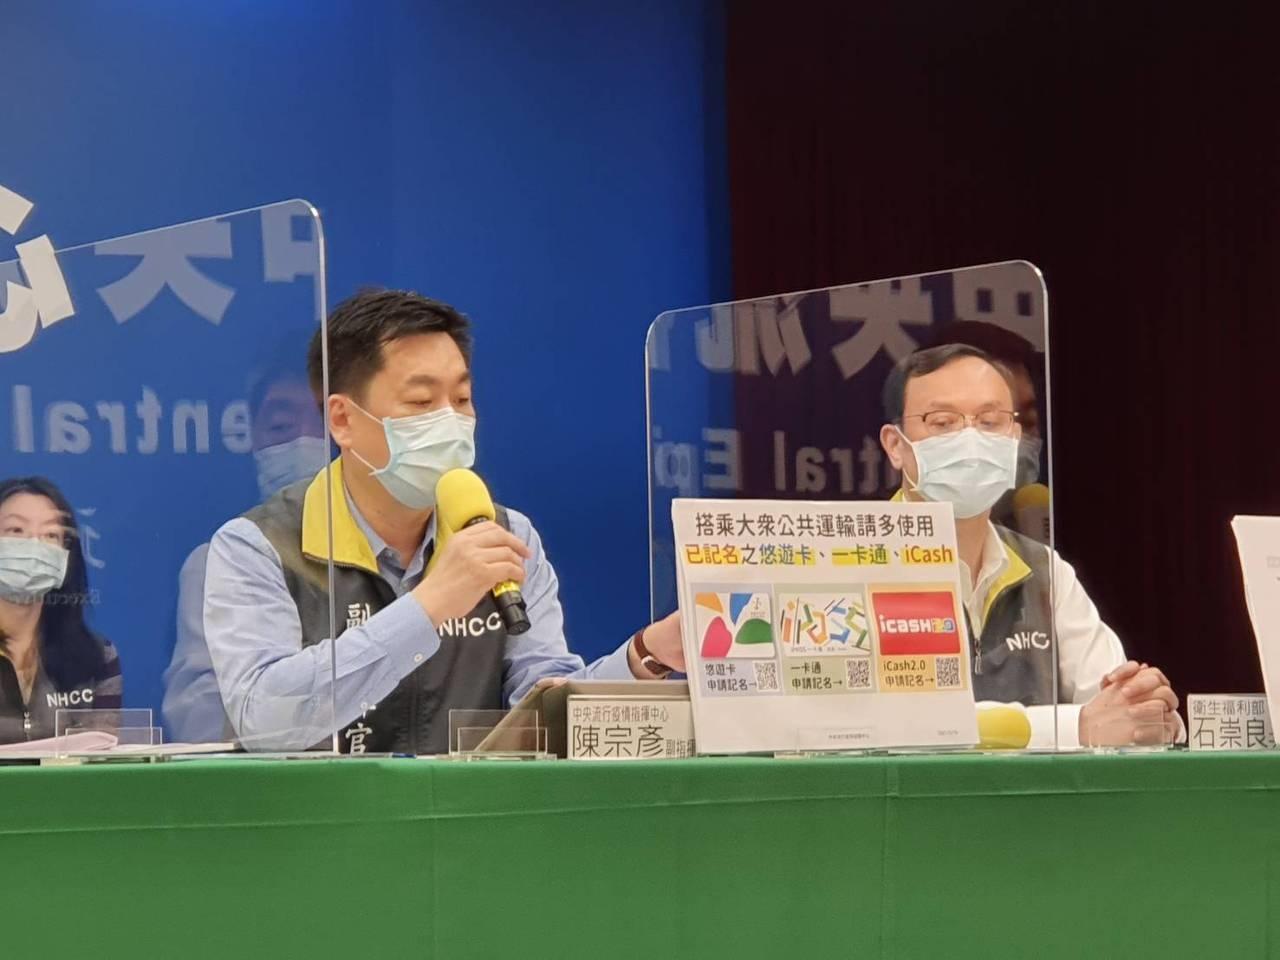 新冠肺炎疫情越來越嚴峻,中央流行疫情指揮中心副指揮官陳宗彥表示,希望民眾可以電子票證的記名功能,可上網登錄卡片,達成記名卡的功能。圖/聯合資料照